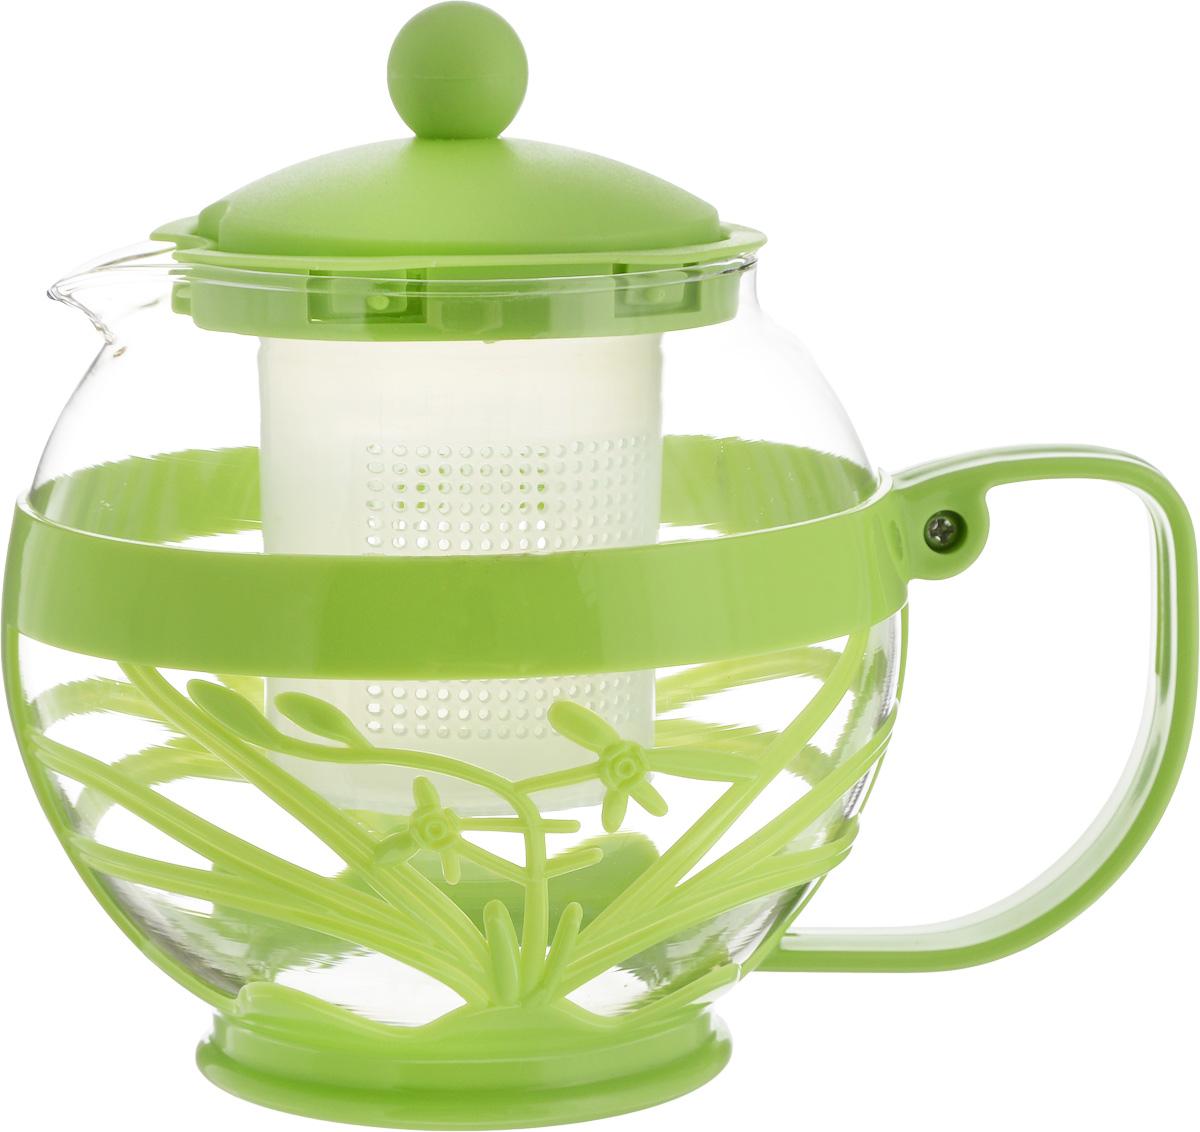 Чайник заварочный Wellberg Aqual, с фильтром, цвет: прозрачный, зеленый, 800 млCM000001328Заварочный чайник Wellberg Aqual изготовлен извысококачественного пластика и жаропрочногостекла. Чайник имеет пластиковый фильтр и оснащенудобной ручкой. Он прекрасно подойдет для завариваниячая и травяных напитков.Такой заварочный чайник займет достойное место навашей кухне. Высота чайника (без учета крышки): 11,5 см. Высота чайника (с учетом крышки): 14 см.Диаметр (по верхнему краю): 7 см.